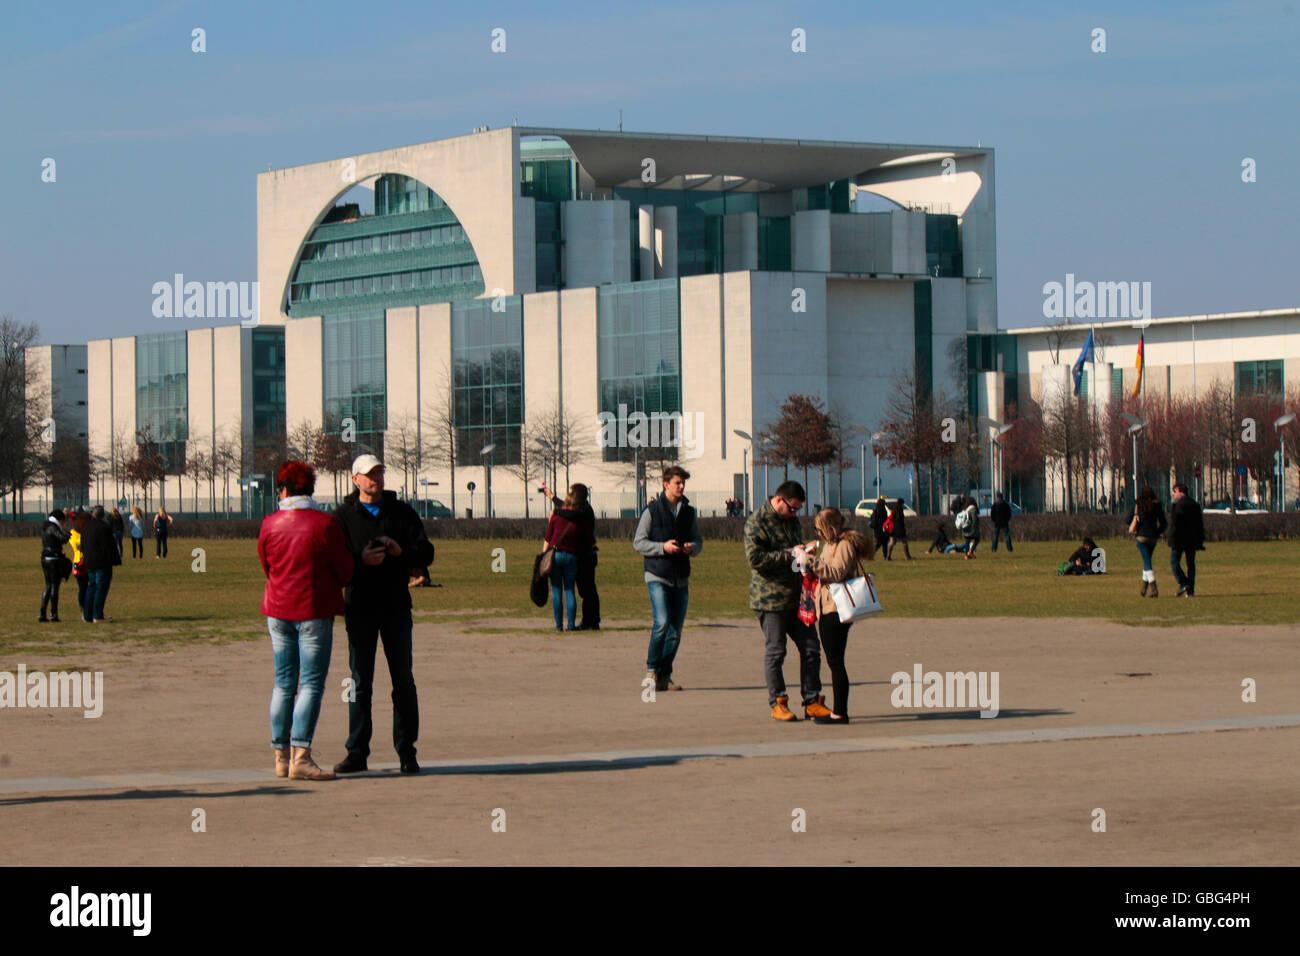 Bundeskanzleramt, Berlin-Tiergarten. - Stock Image